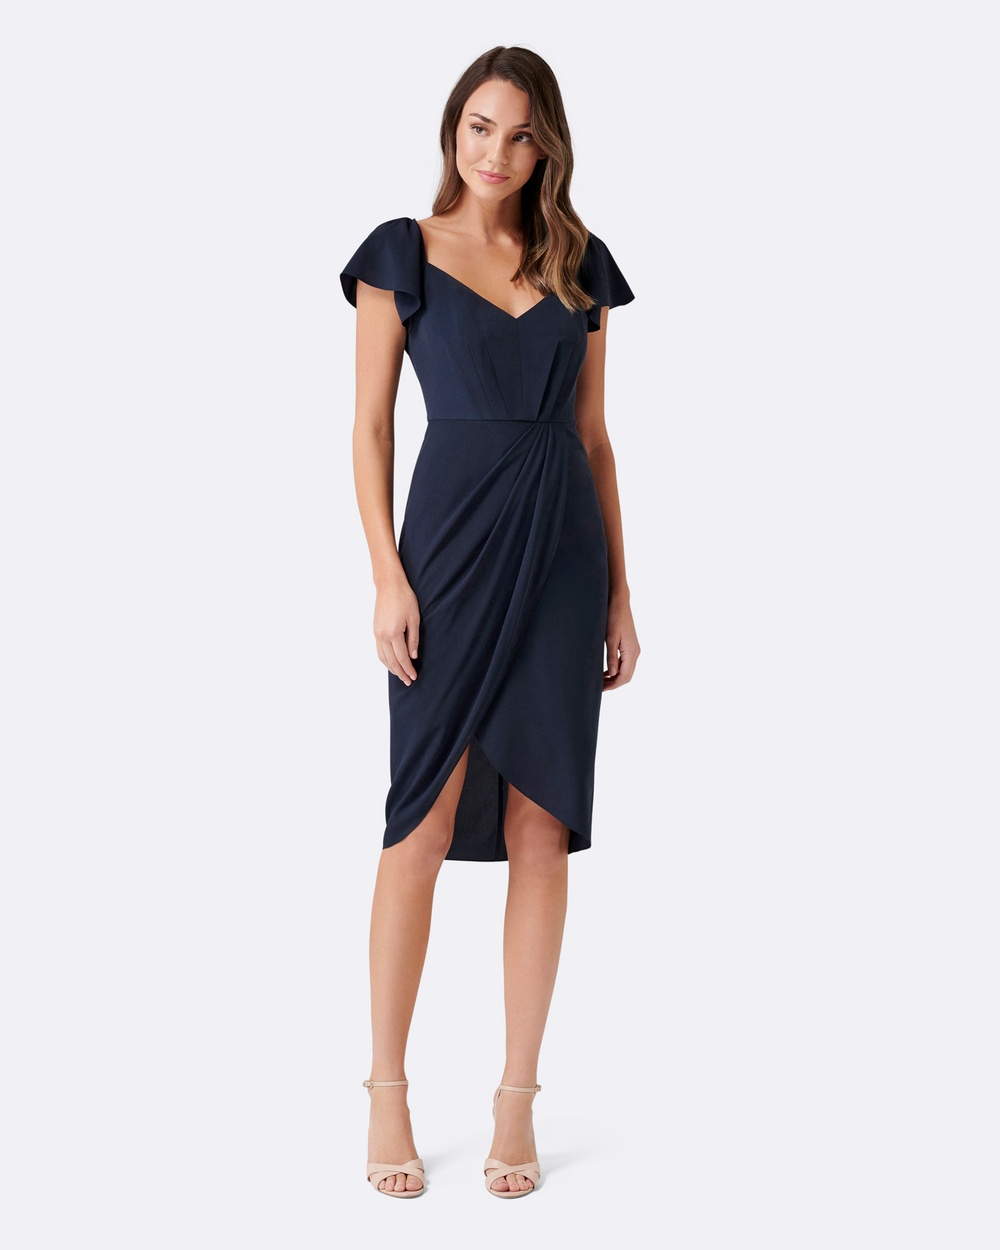 Forever New Elanor Cap Sleeve Drape Dress Bridesmaid Dresses Navy Elanor Cap Sleeve Drape Dress